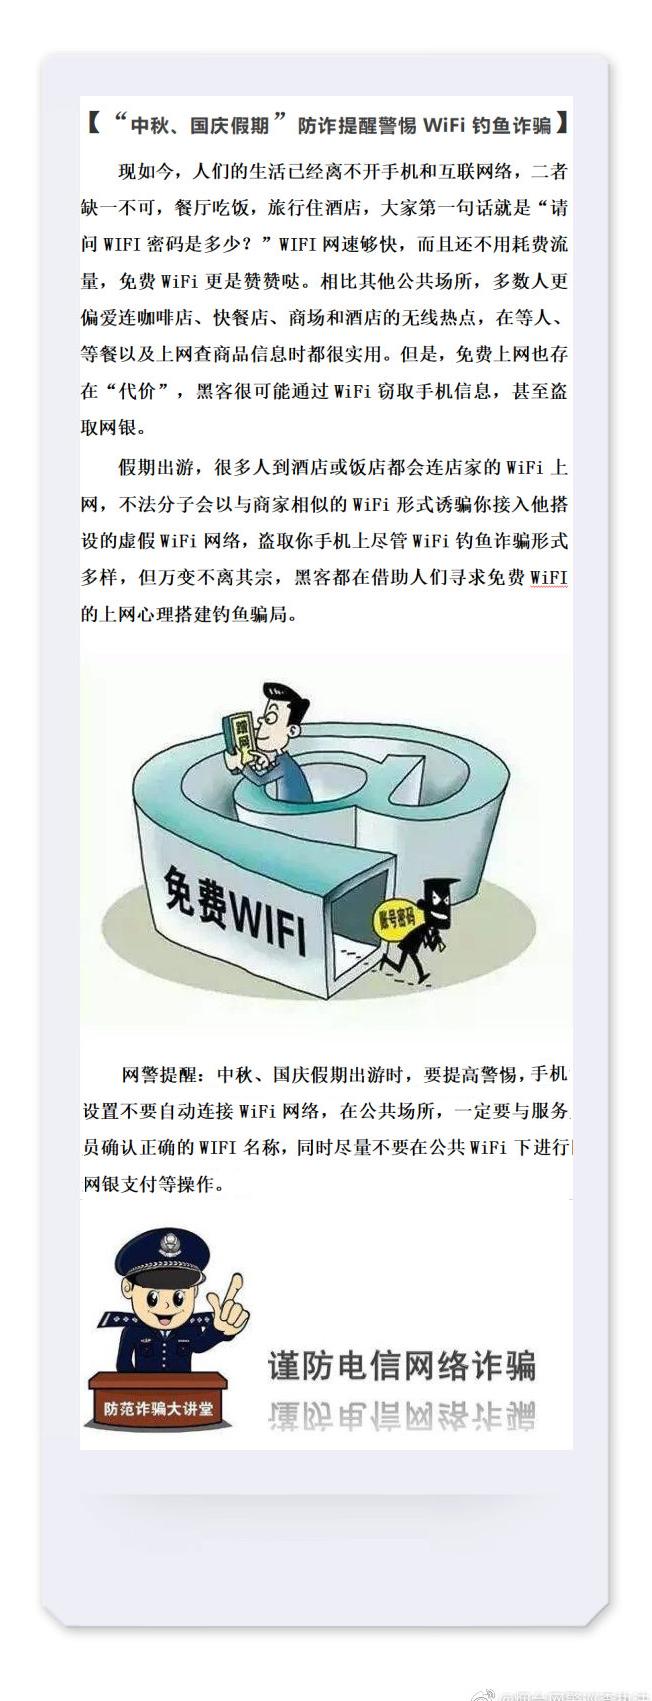 """""""中秋、国庆假期""""防诈提醒警惕WiFi钓鱼诈骗"""